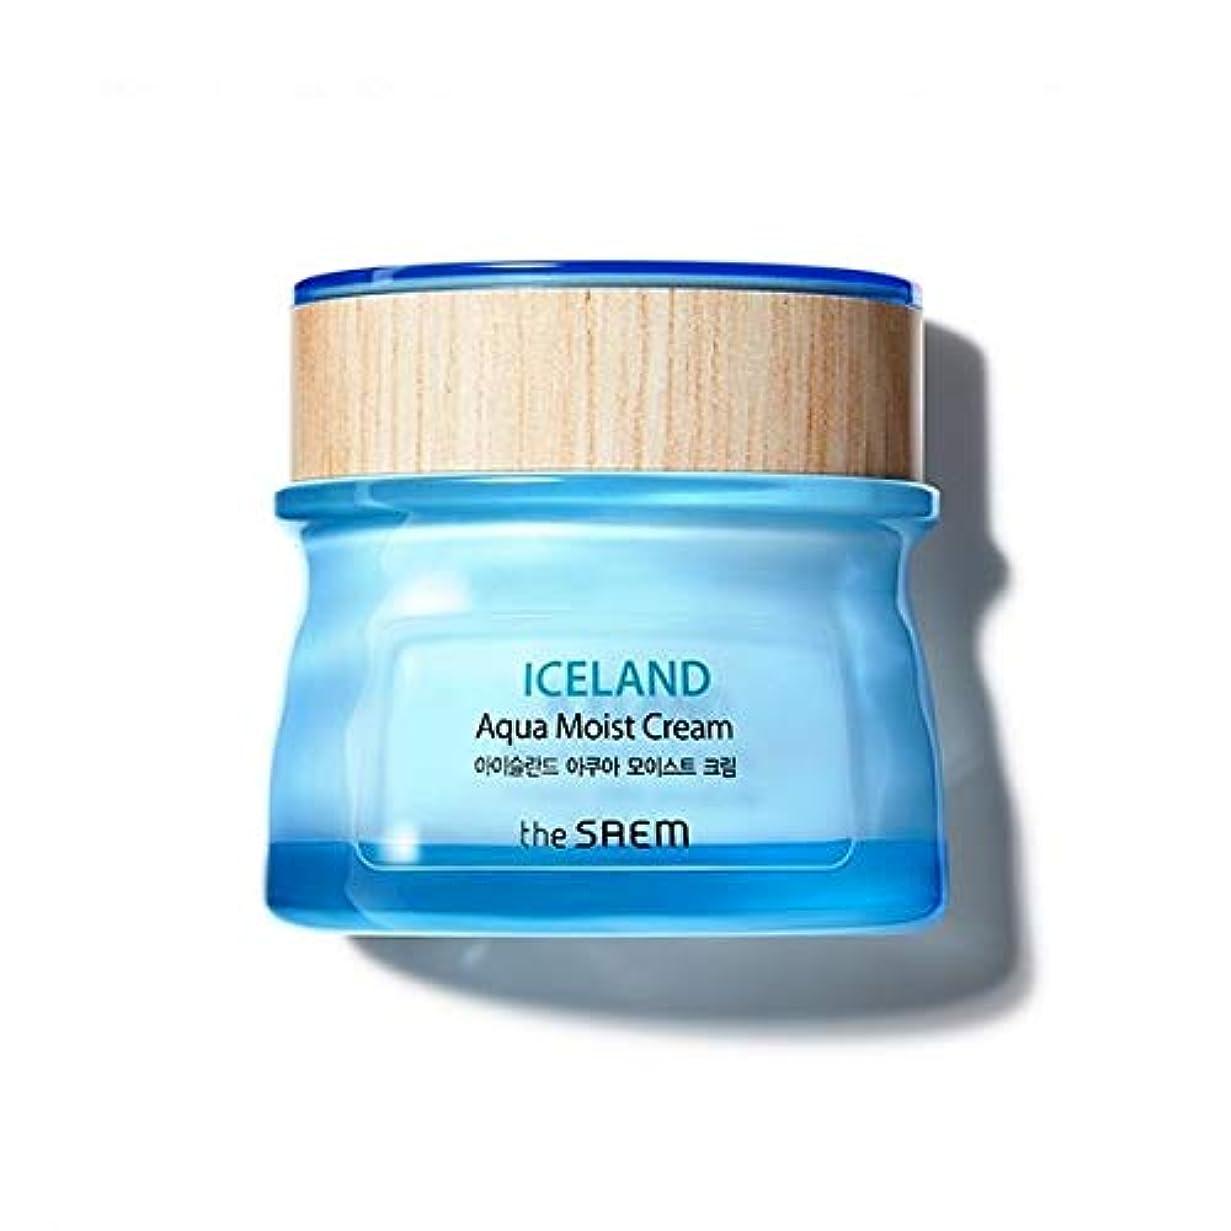 気づく認可ドルThe saem Iceland Apua Moist Cream ザセム アイスランド アクア モイスト クリーム 60ml [並行輸入品]